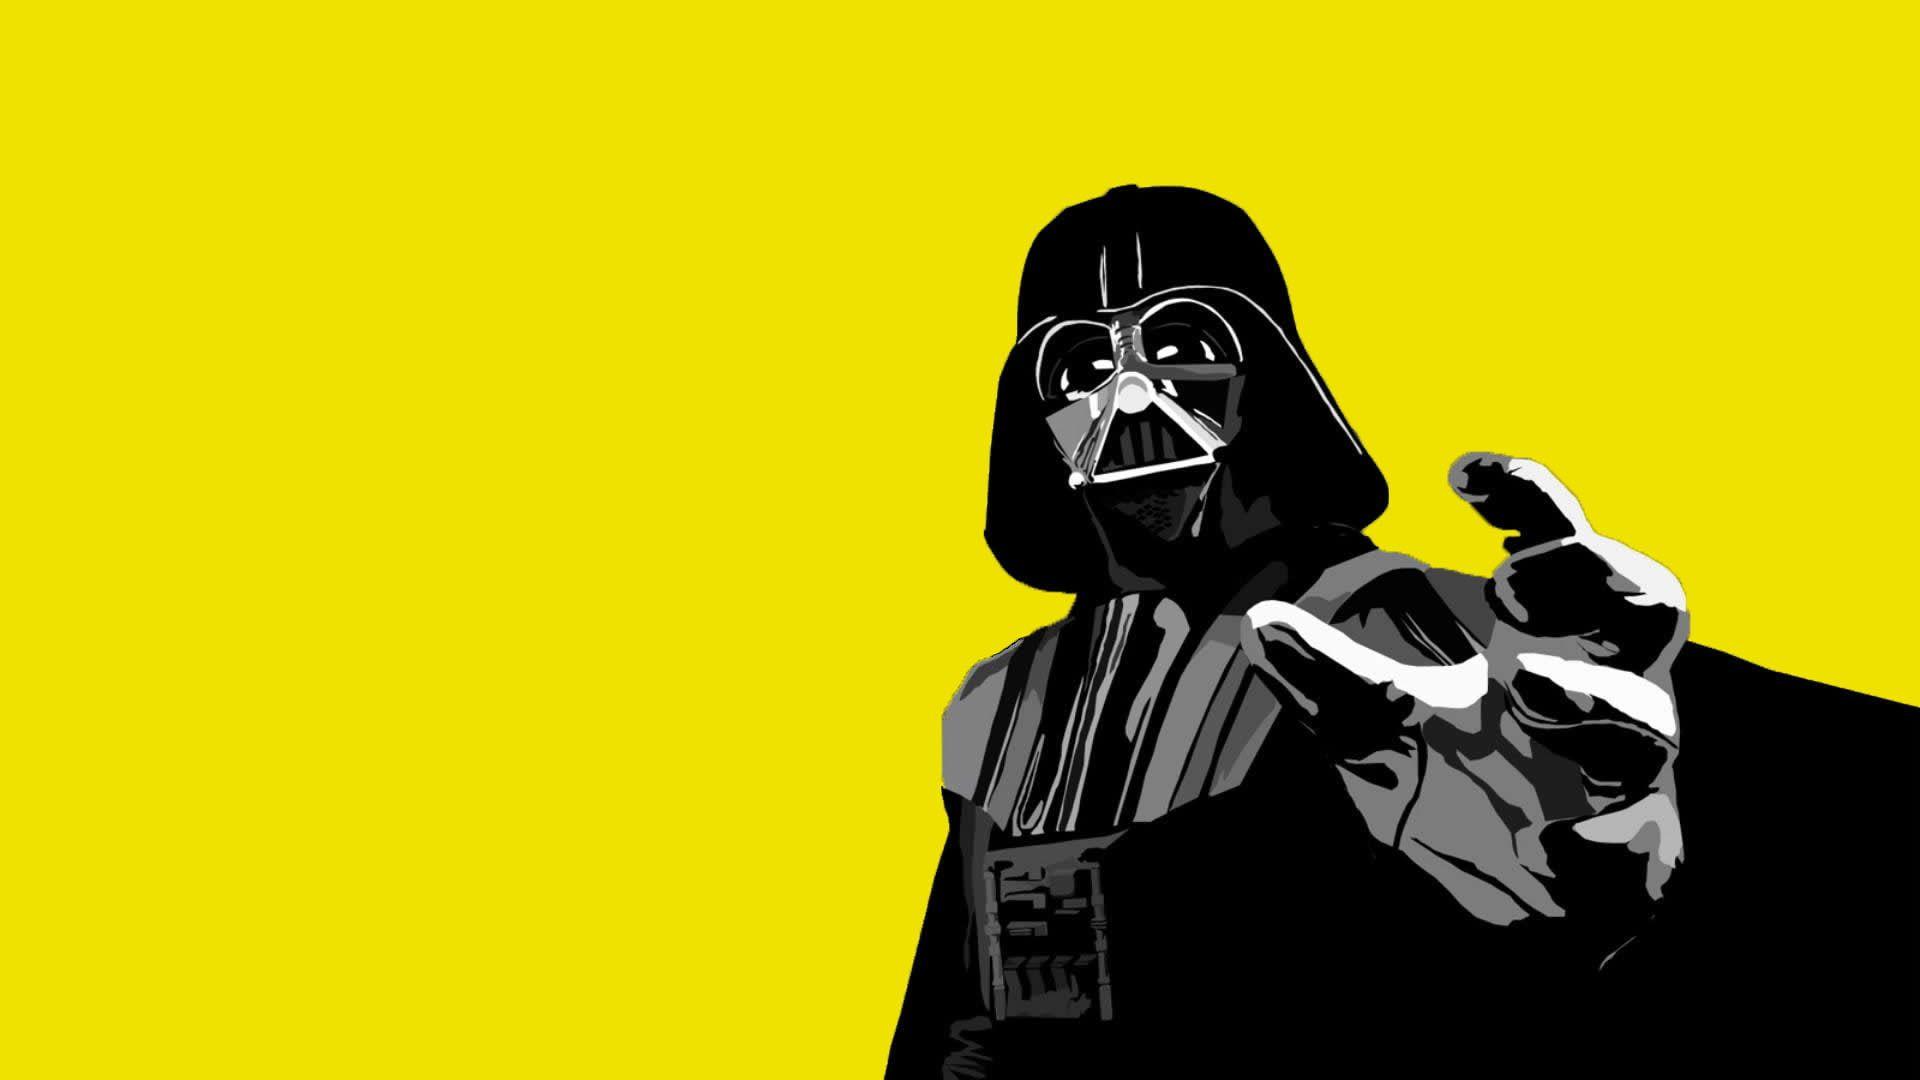 Humor Funny Darth Vader Star Wars 1080p Wallpaper Hdwallpaper Desktop In 2020 Darth Vader Artwork Star Wars Wallpaper Background Hd Wallpaper